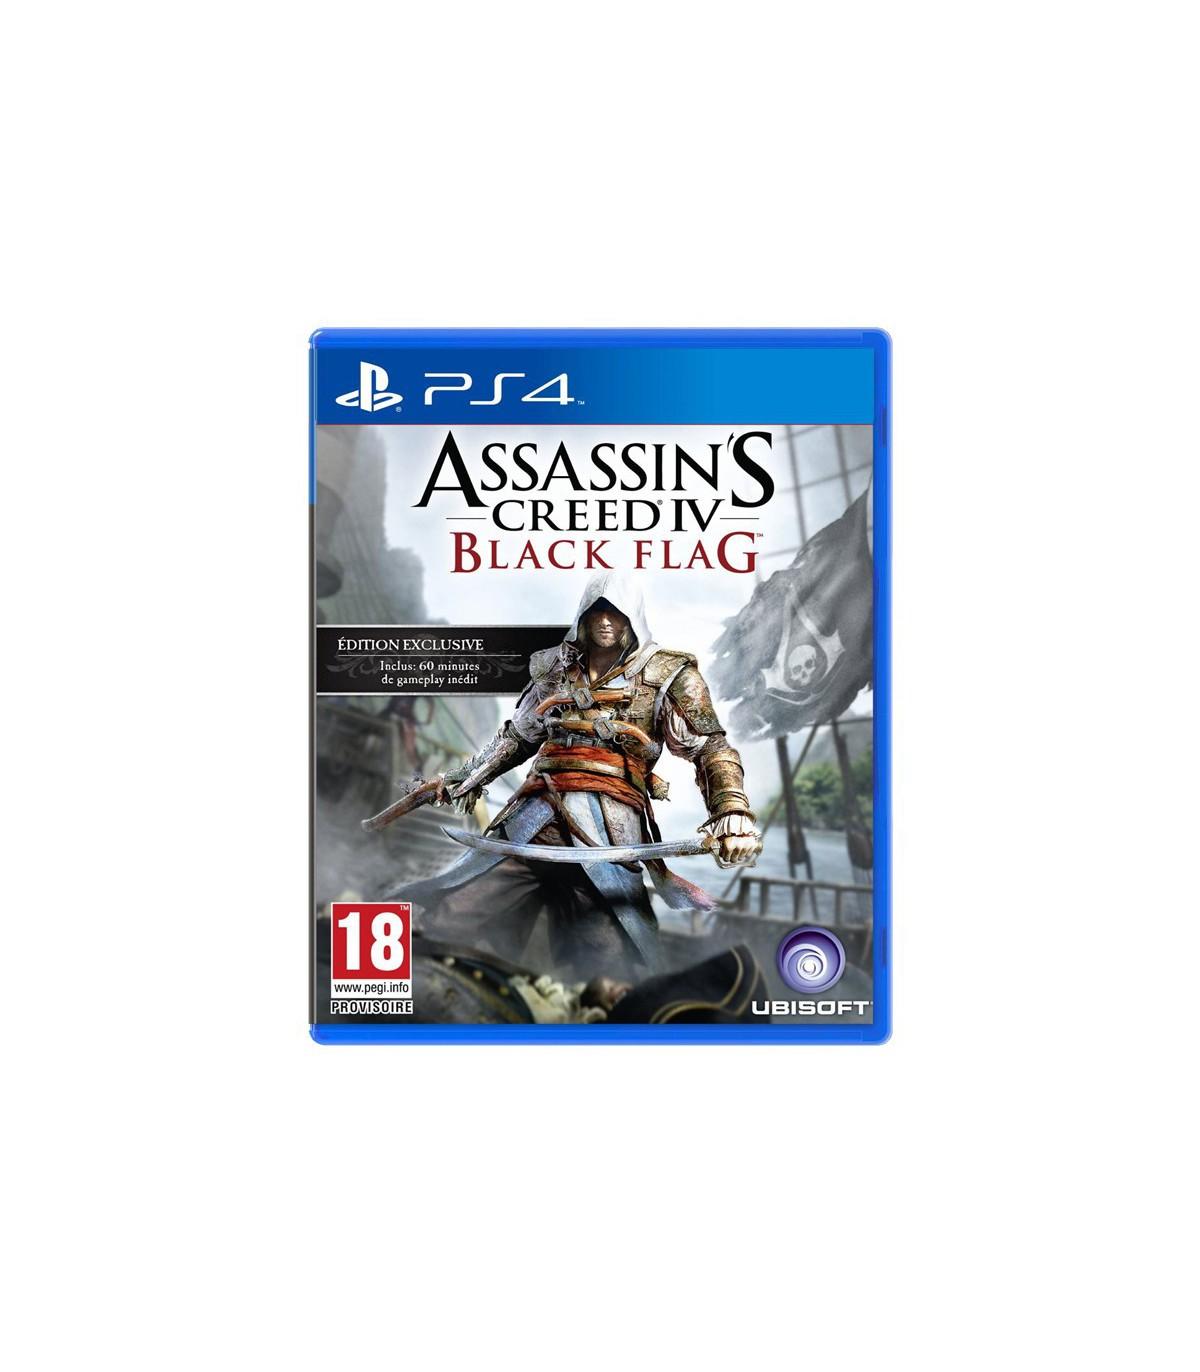 بازی Assassin's Creed Black Flag کارکرده - پلی استیشن ۴